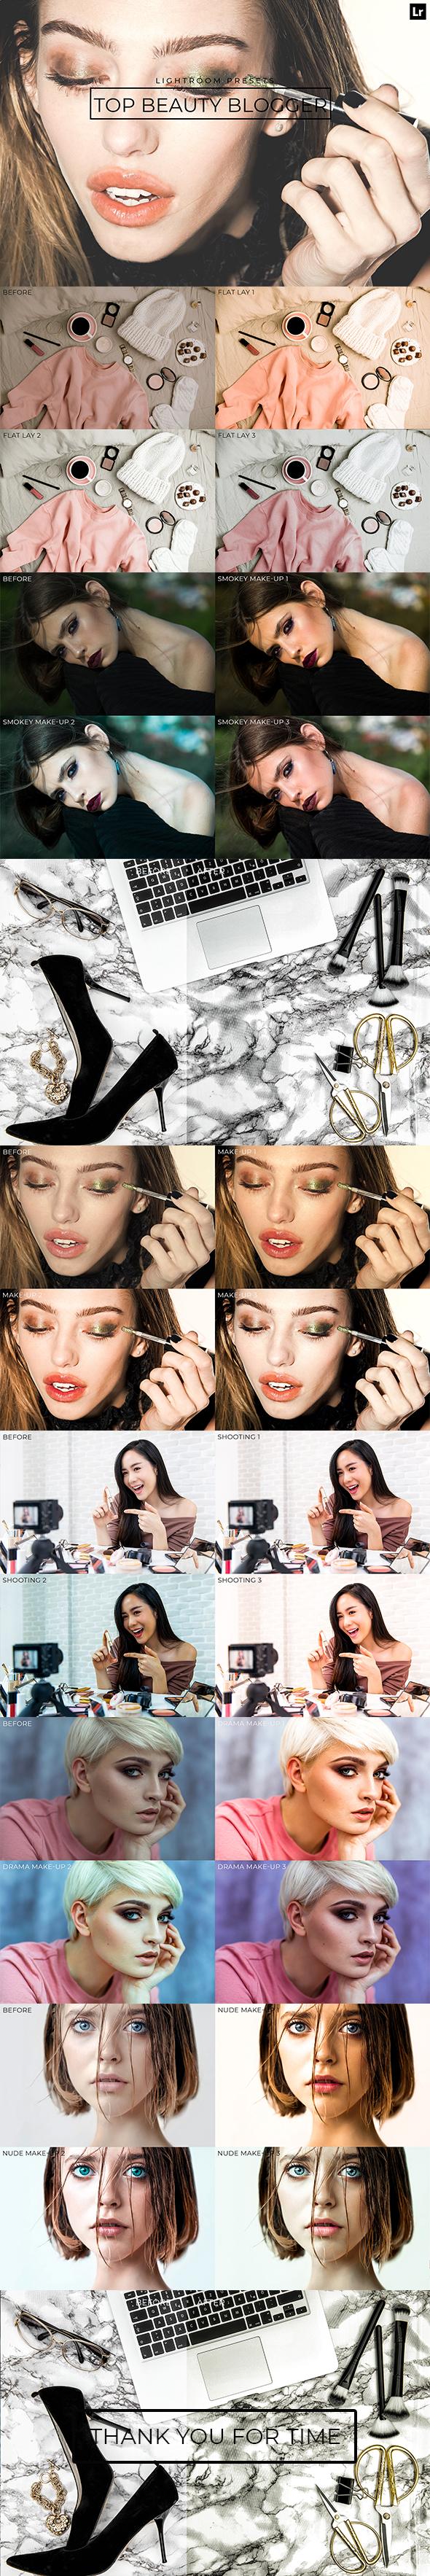 Top Beauty Blogger Lightroom Presets - Lightroom Presets Add-ons